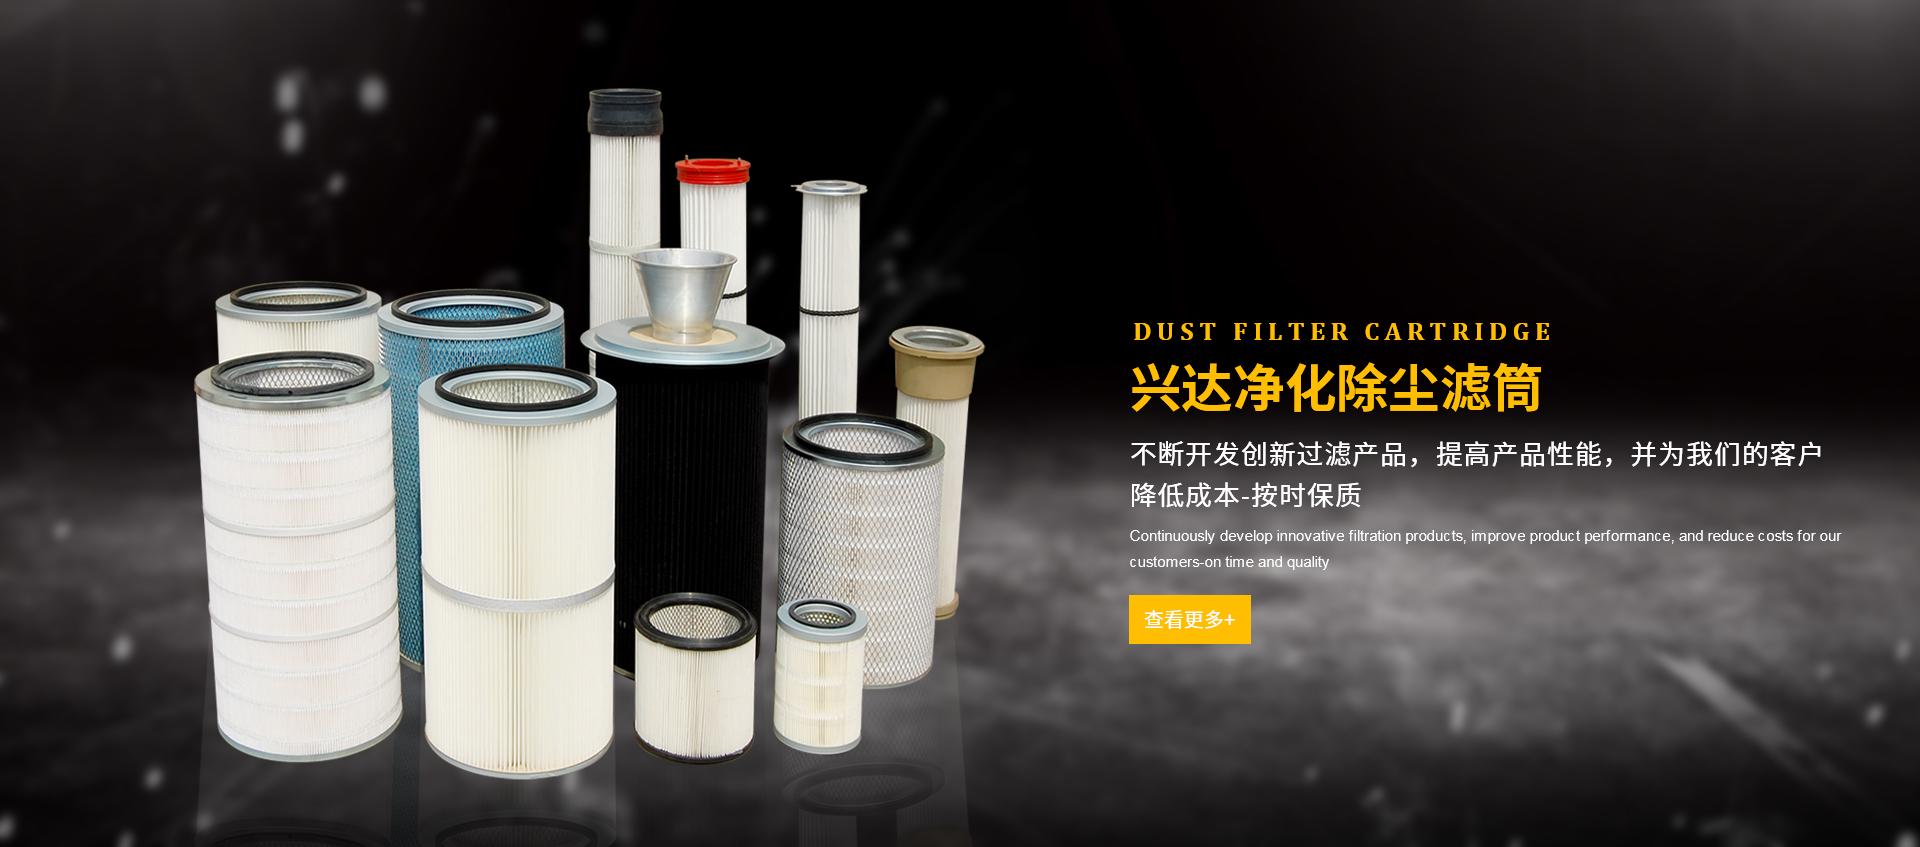 粉尘滤芯,过滤滤芯,除尘器滤芯,除尘滤芯,覆膜滤芯,阻燃滤芯,空气滤芯